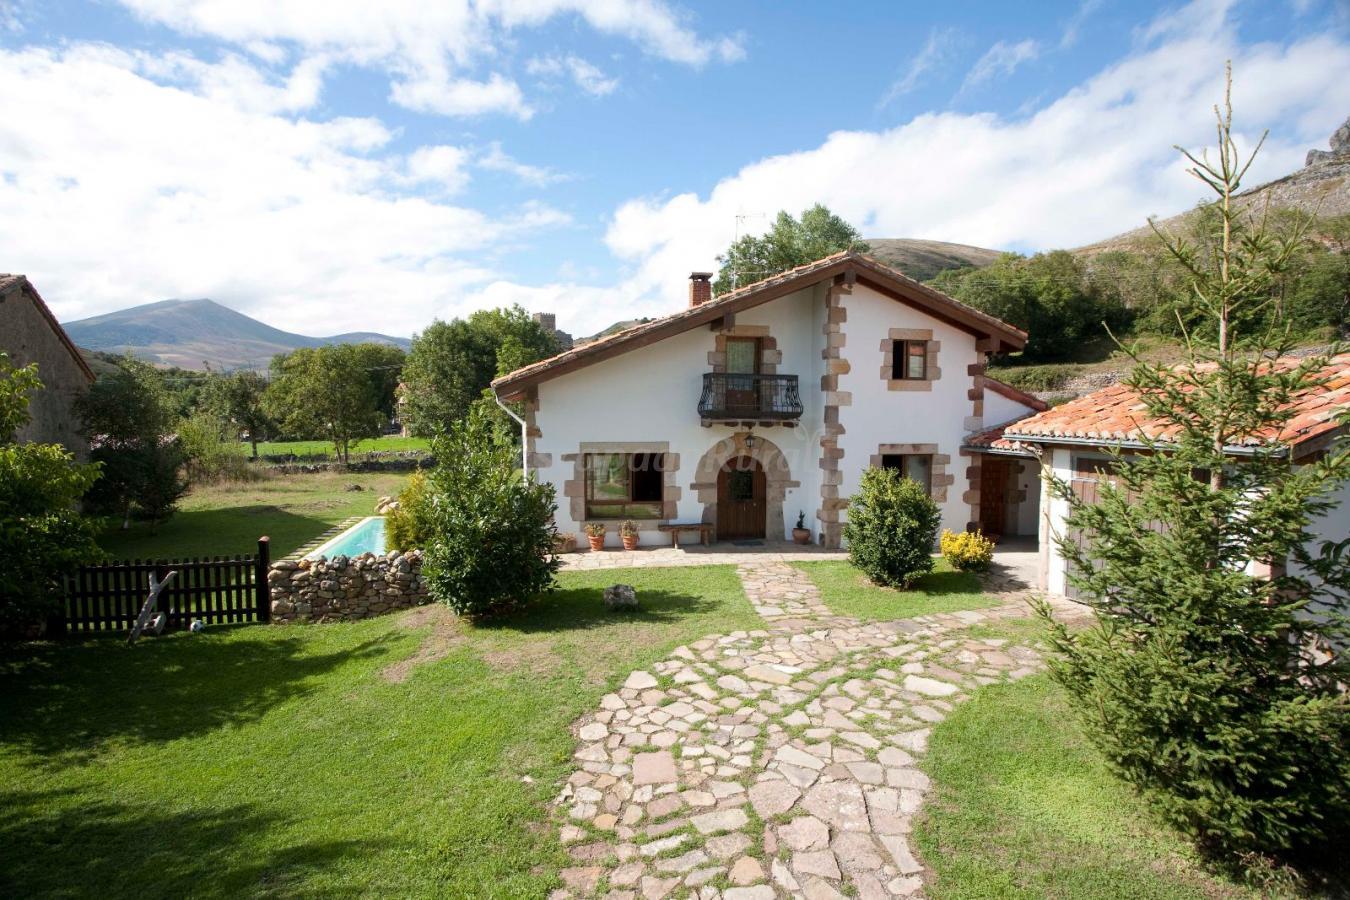 Fotos de vivienda rural la ce a casa rural en arg eso - Casas rurales en la provenza ...